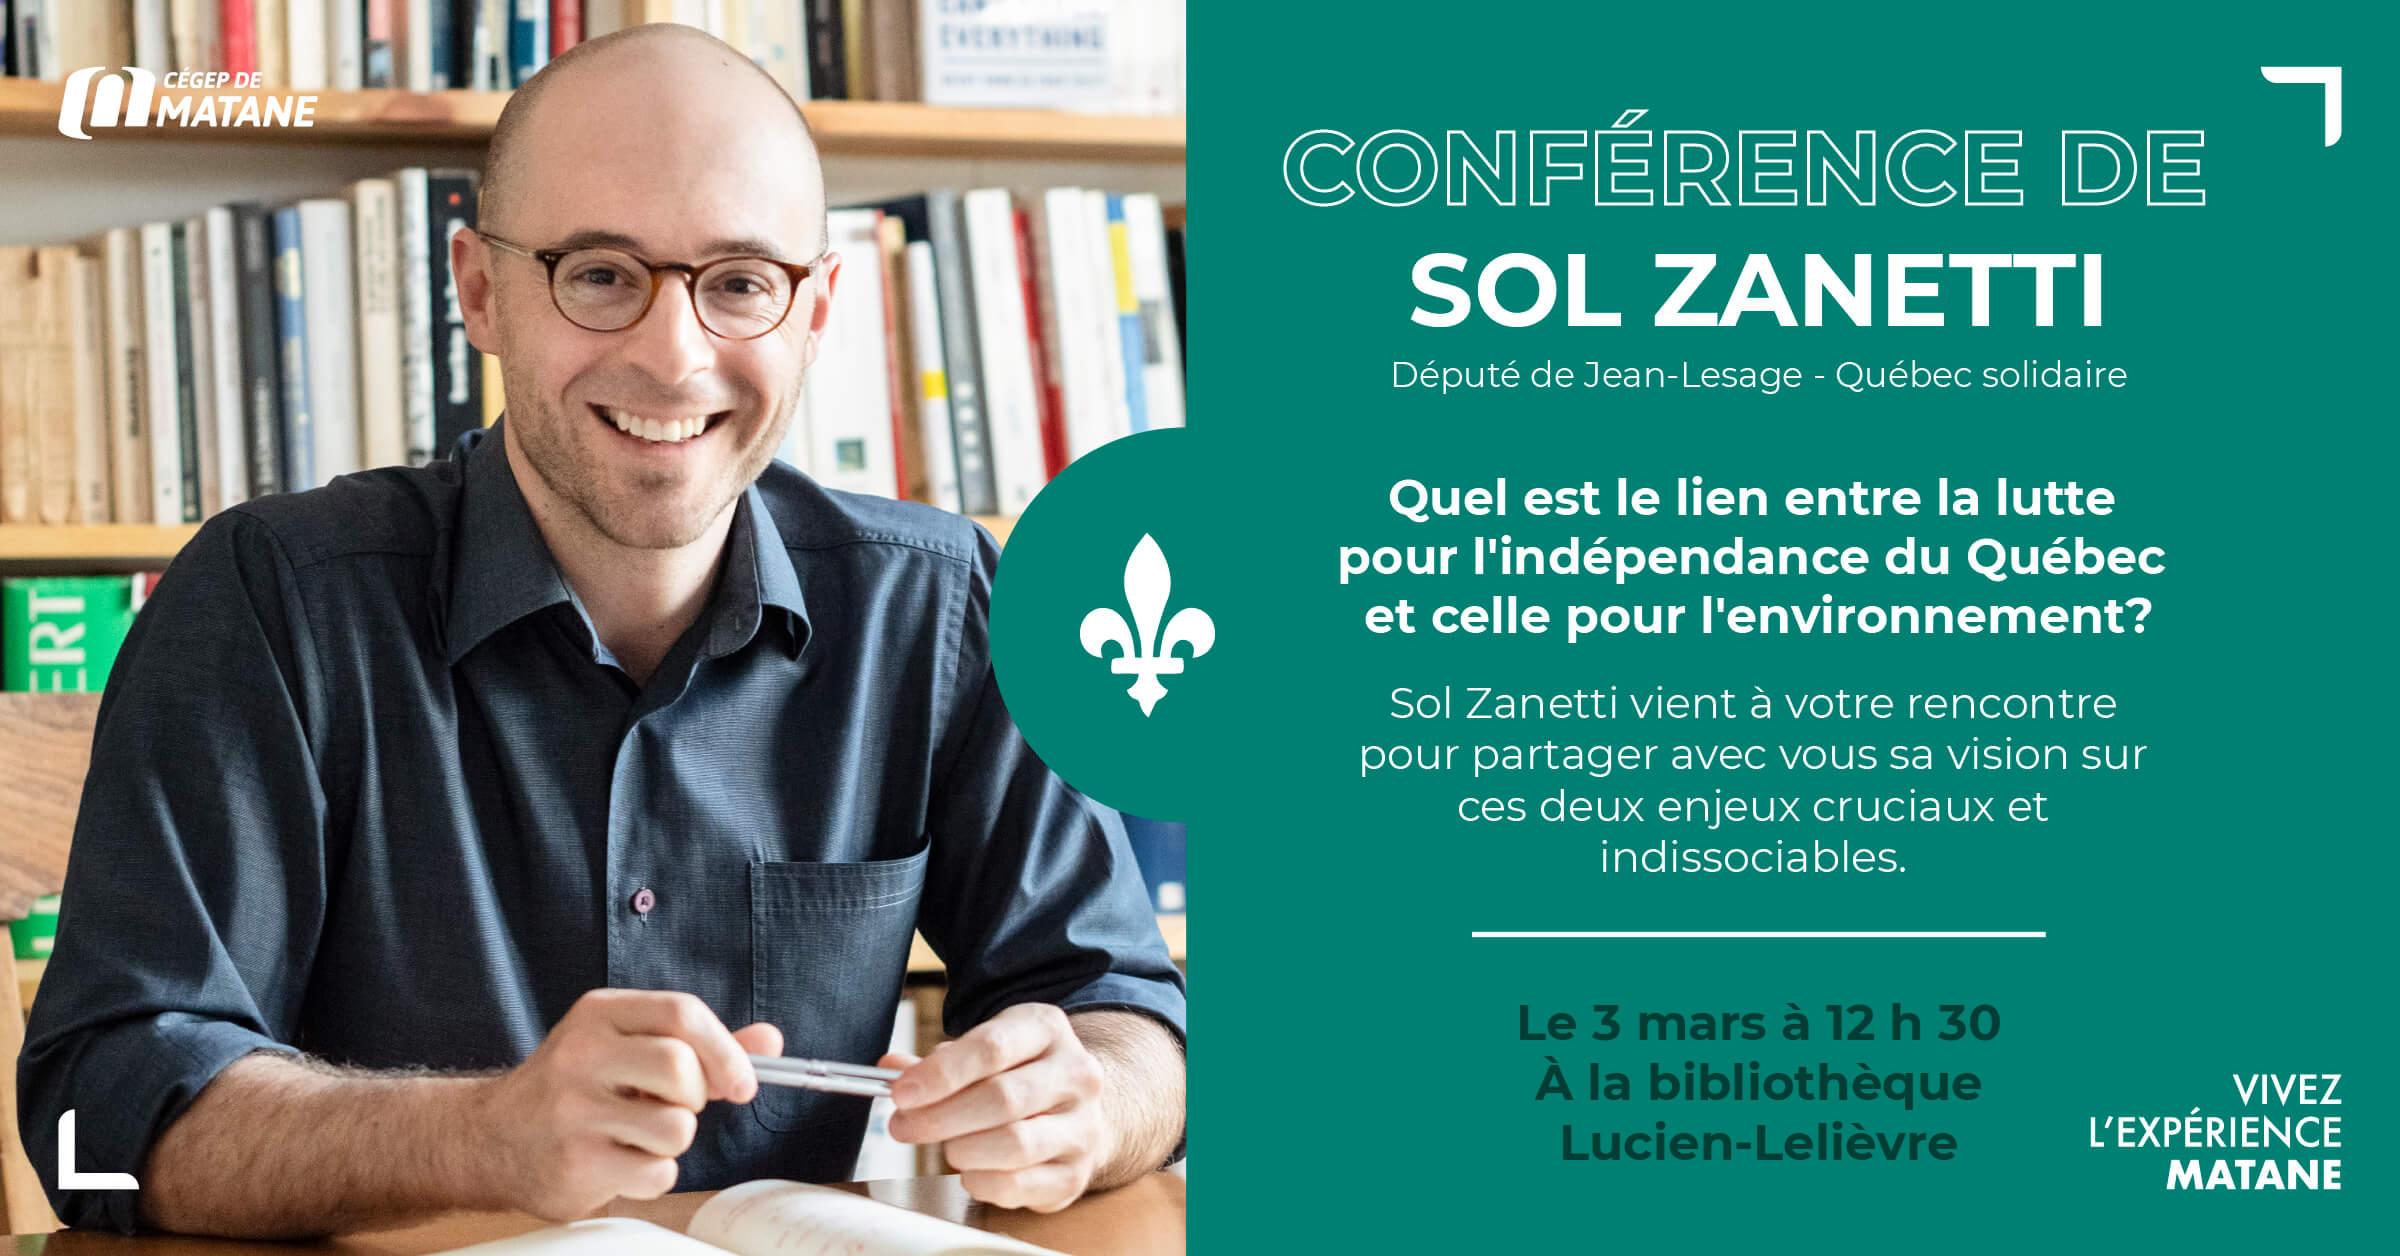 Affiche pour la conférence de Sol Zanetti